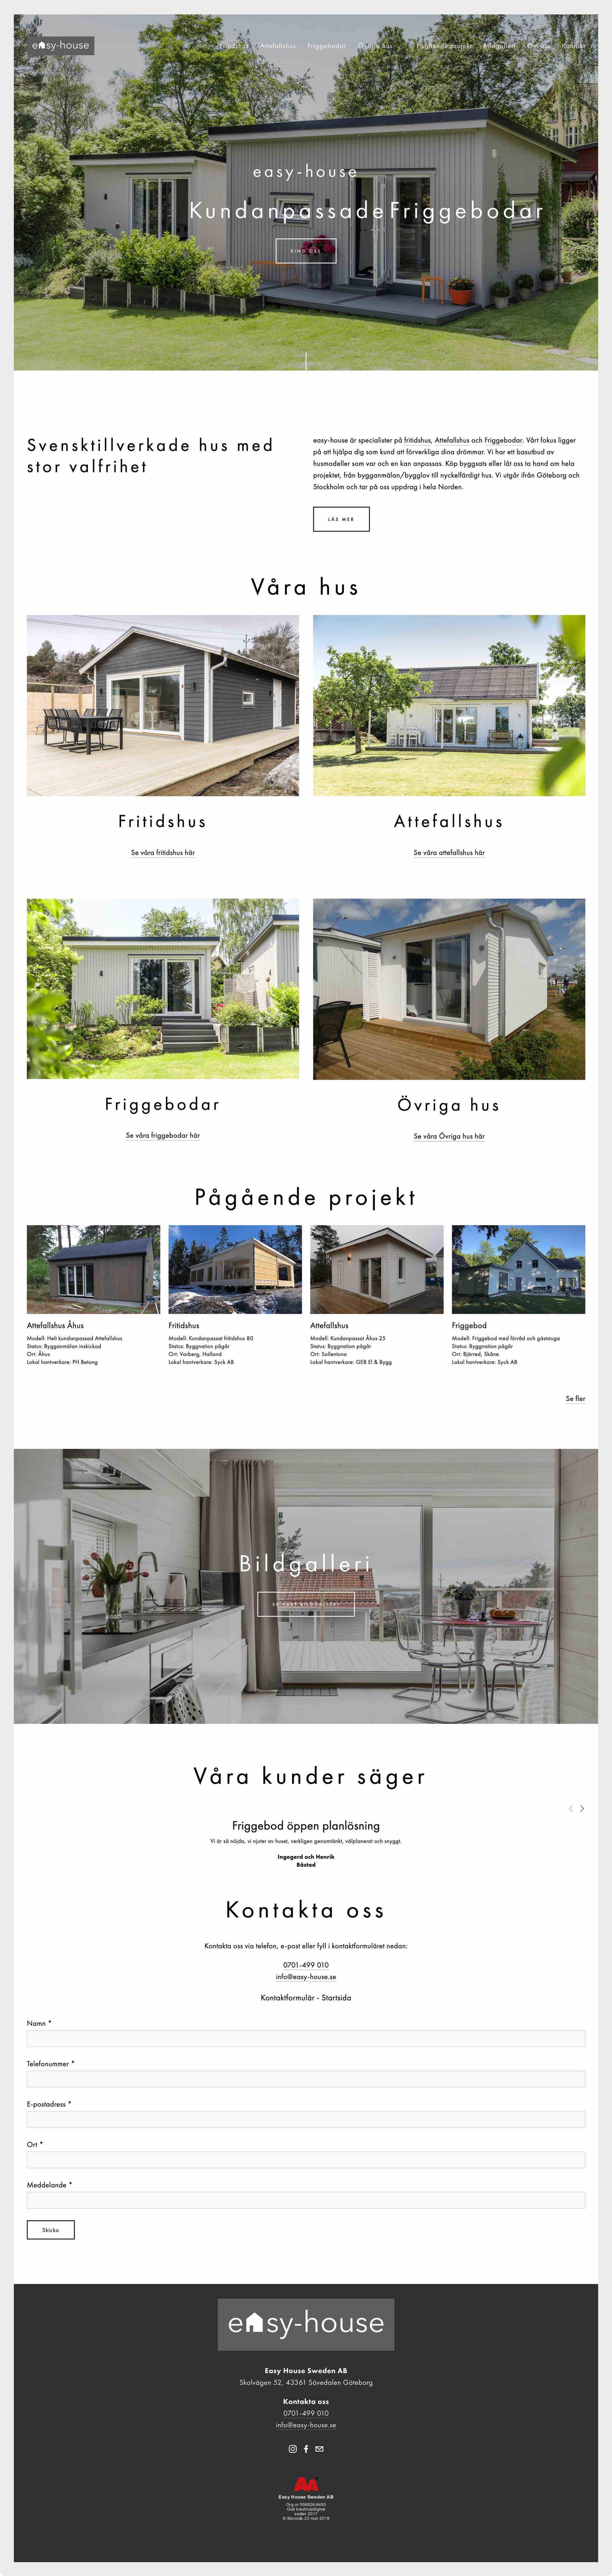 framtidens-webbyrå-uppdrag-easy-house-startsida